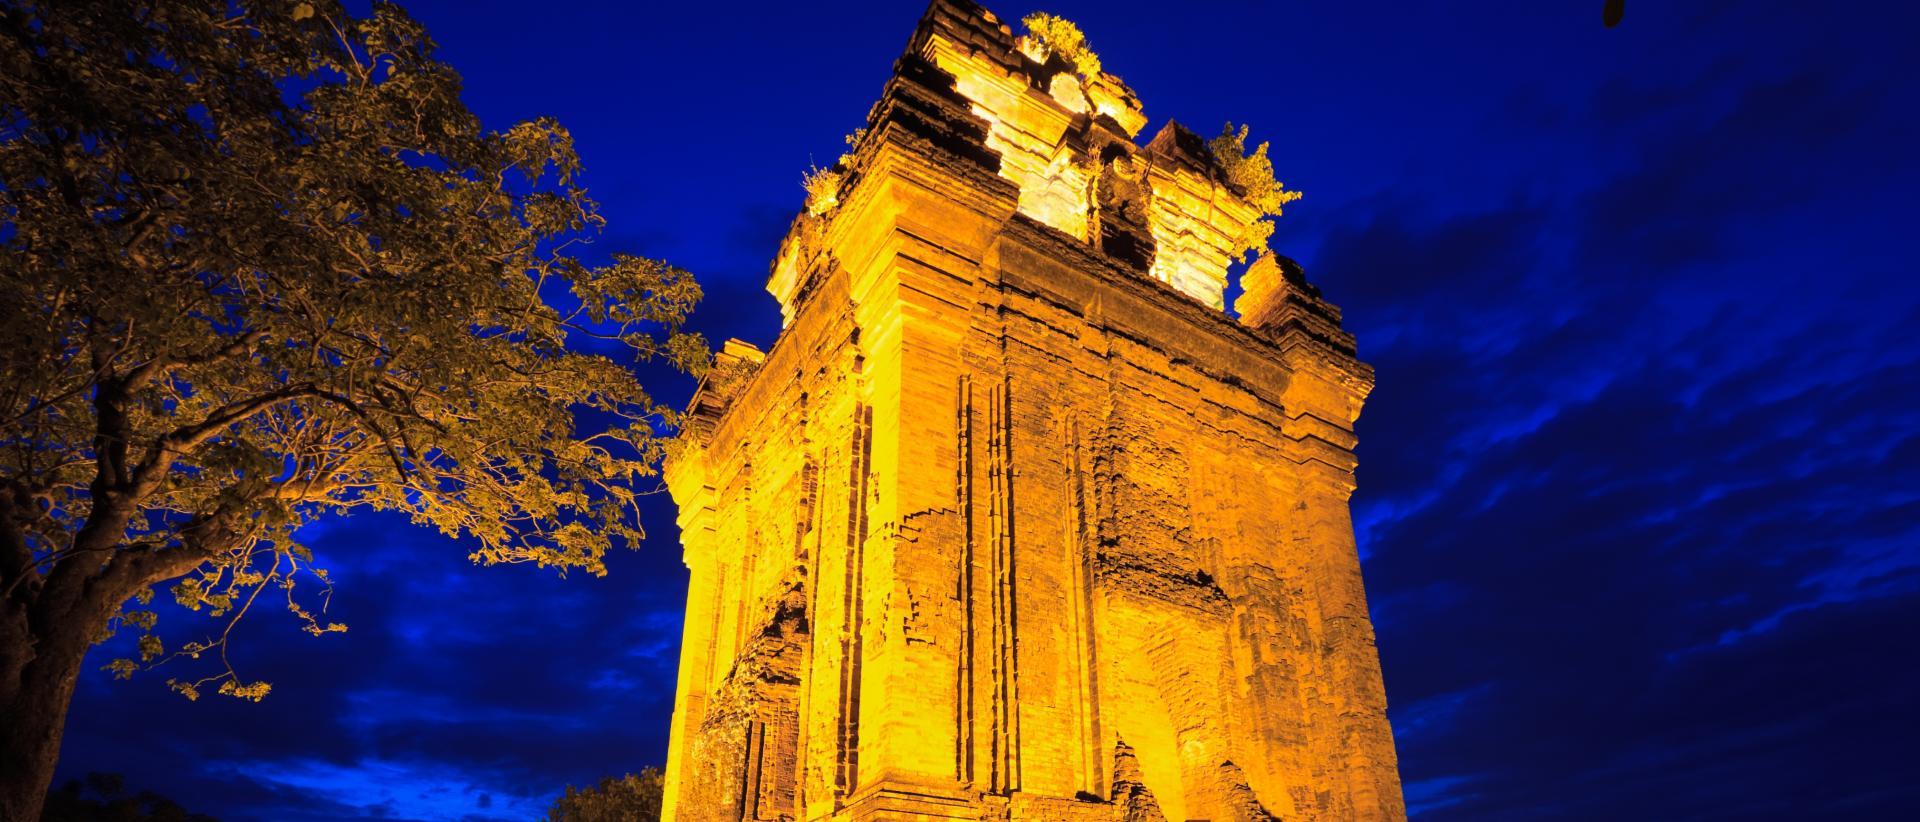 Ngoài việc tìm kiếm các khách sạn Tuy Hòa giá rẻ, du khách đừng quên tham quan khám phá các địa danh nổi tiếng